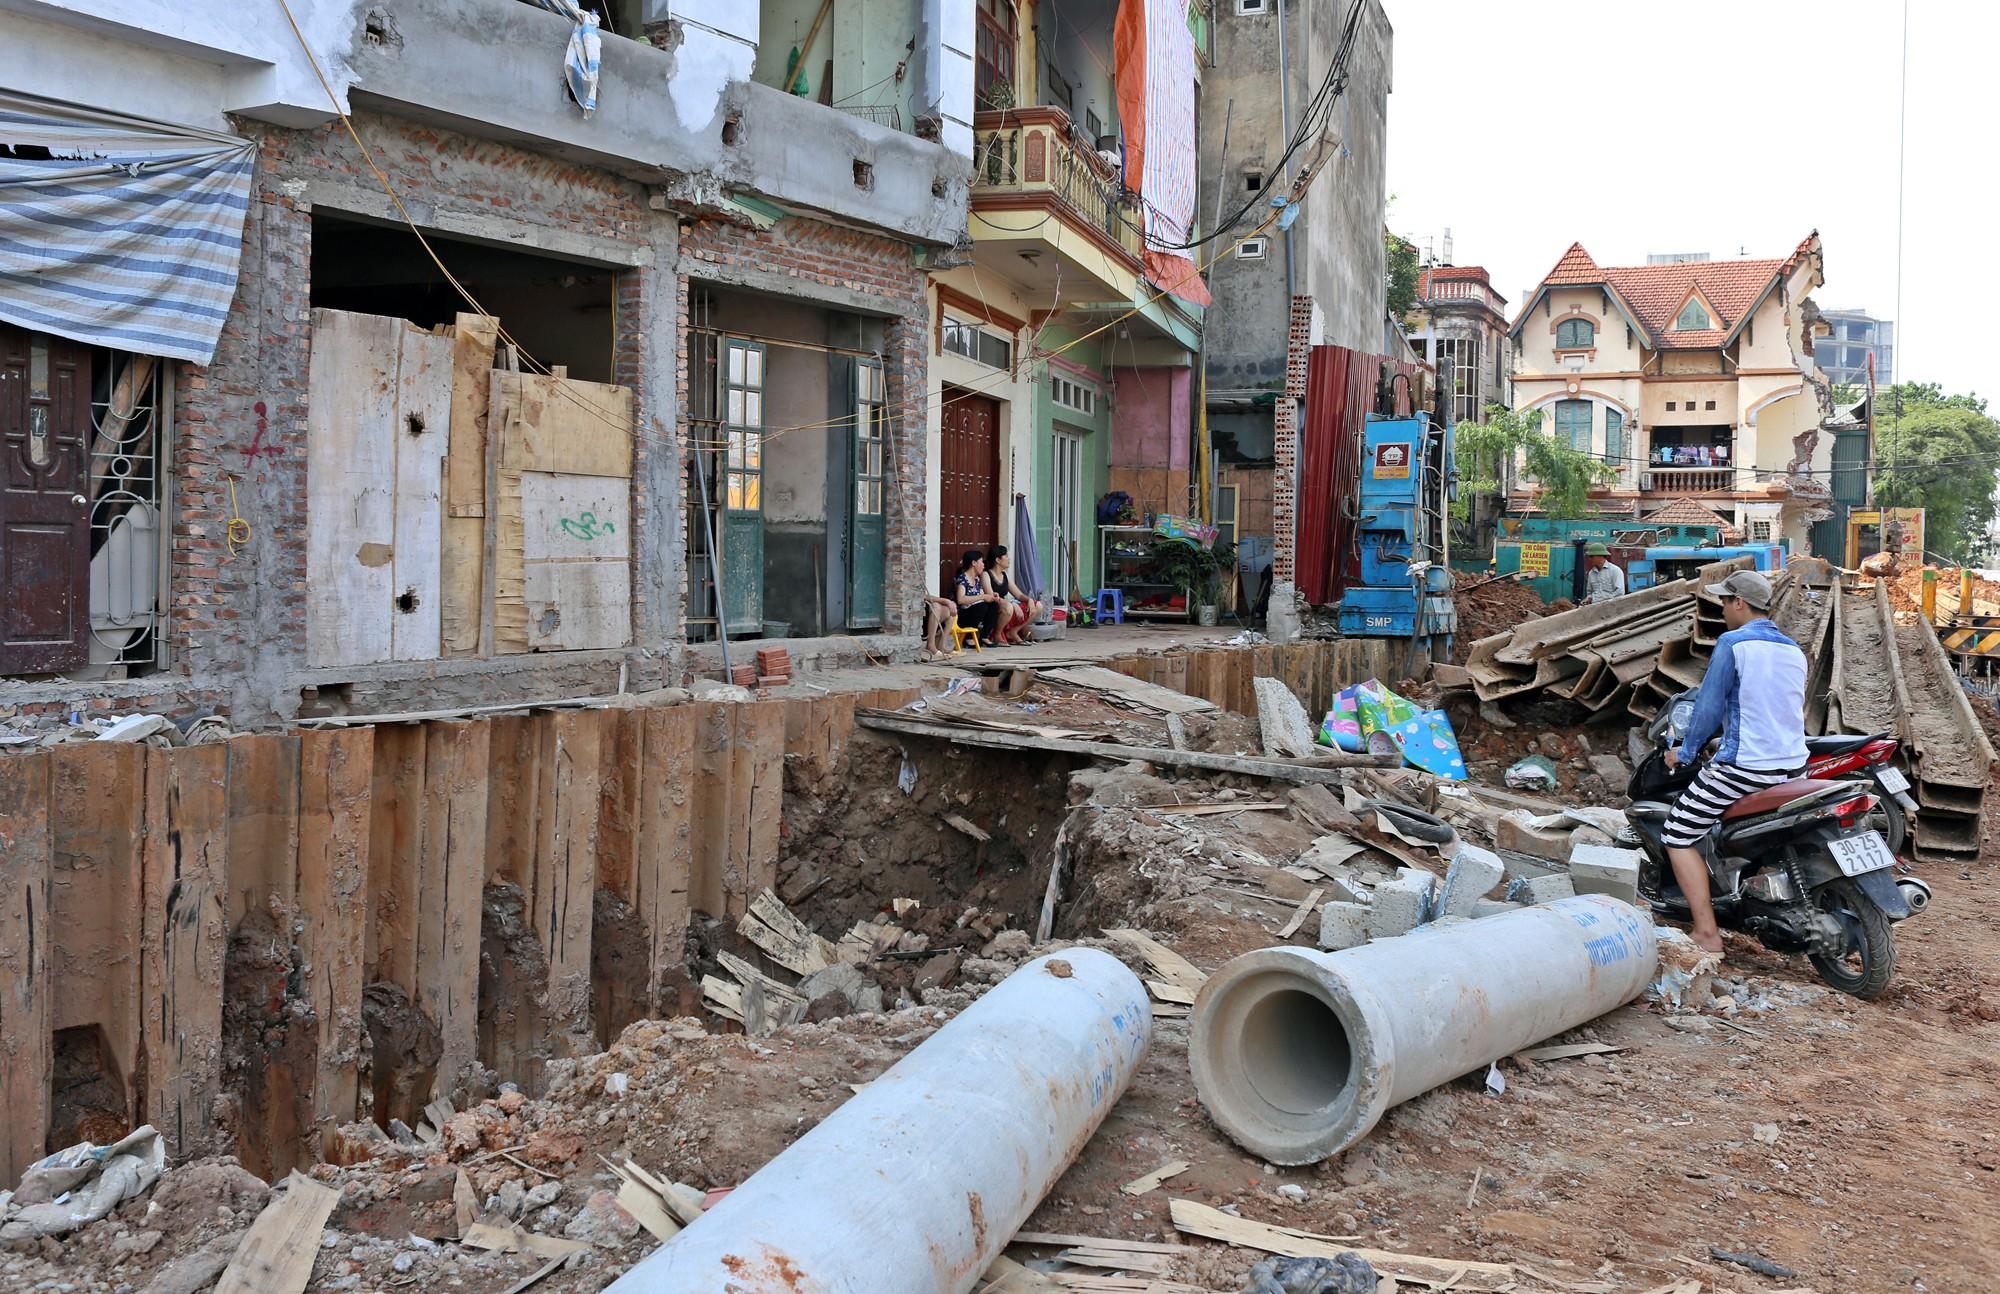 Hà Nội: Người dân bắc cầu vào nhà trên đường Phạm Văn Đồng - Ảnh 5.